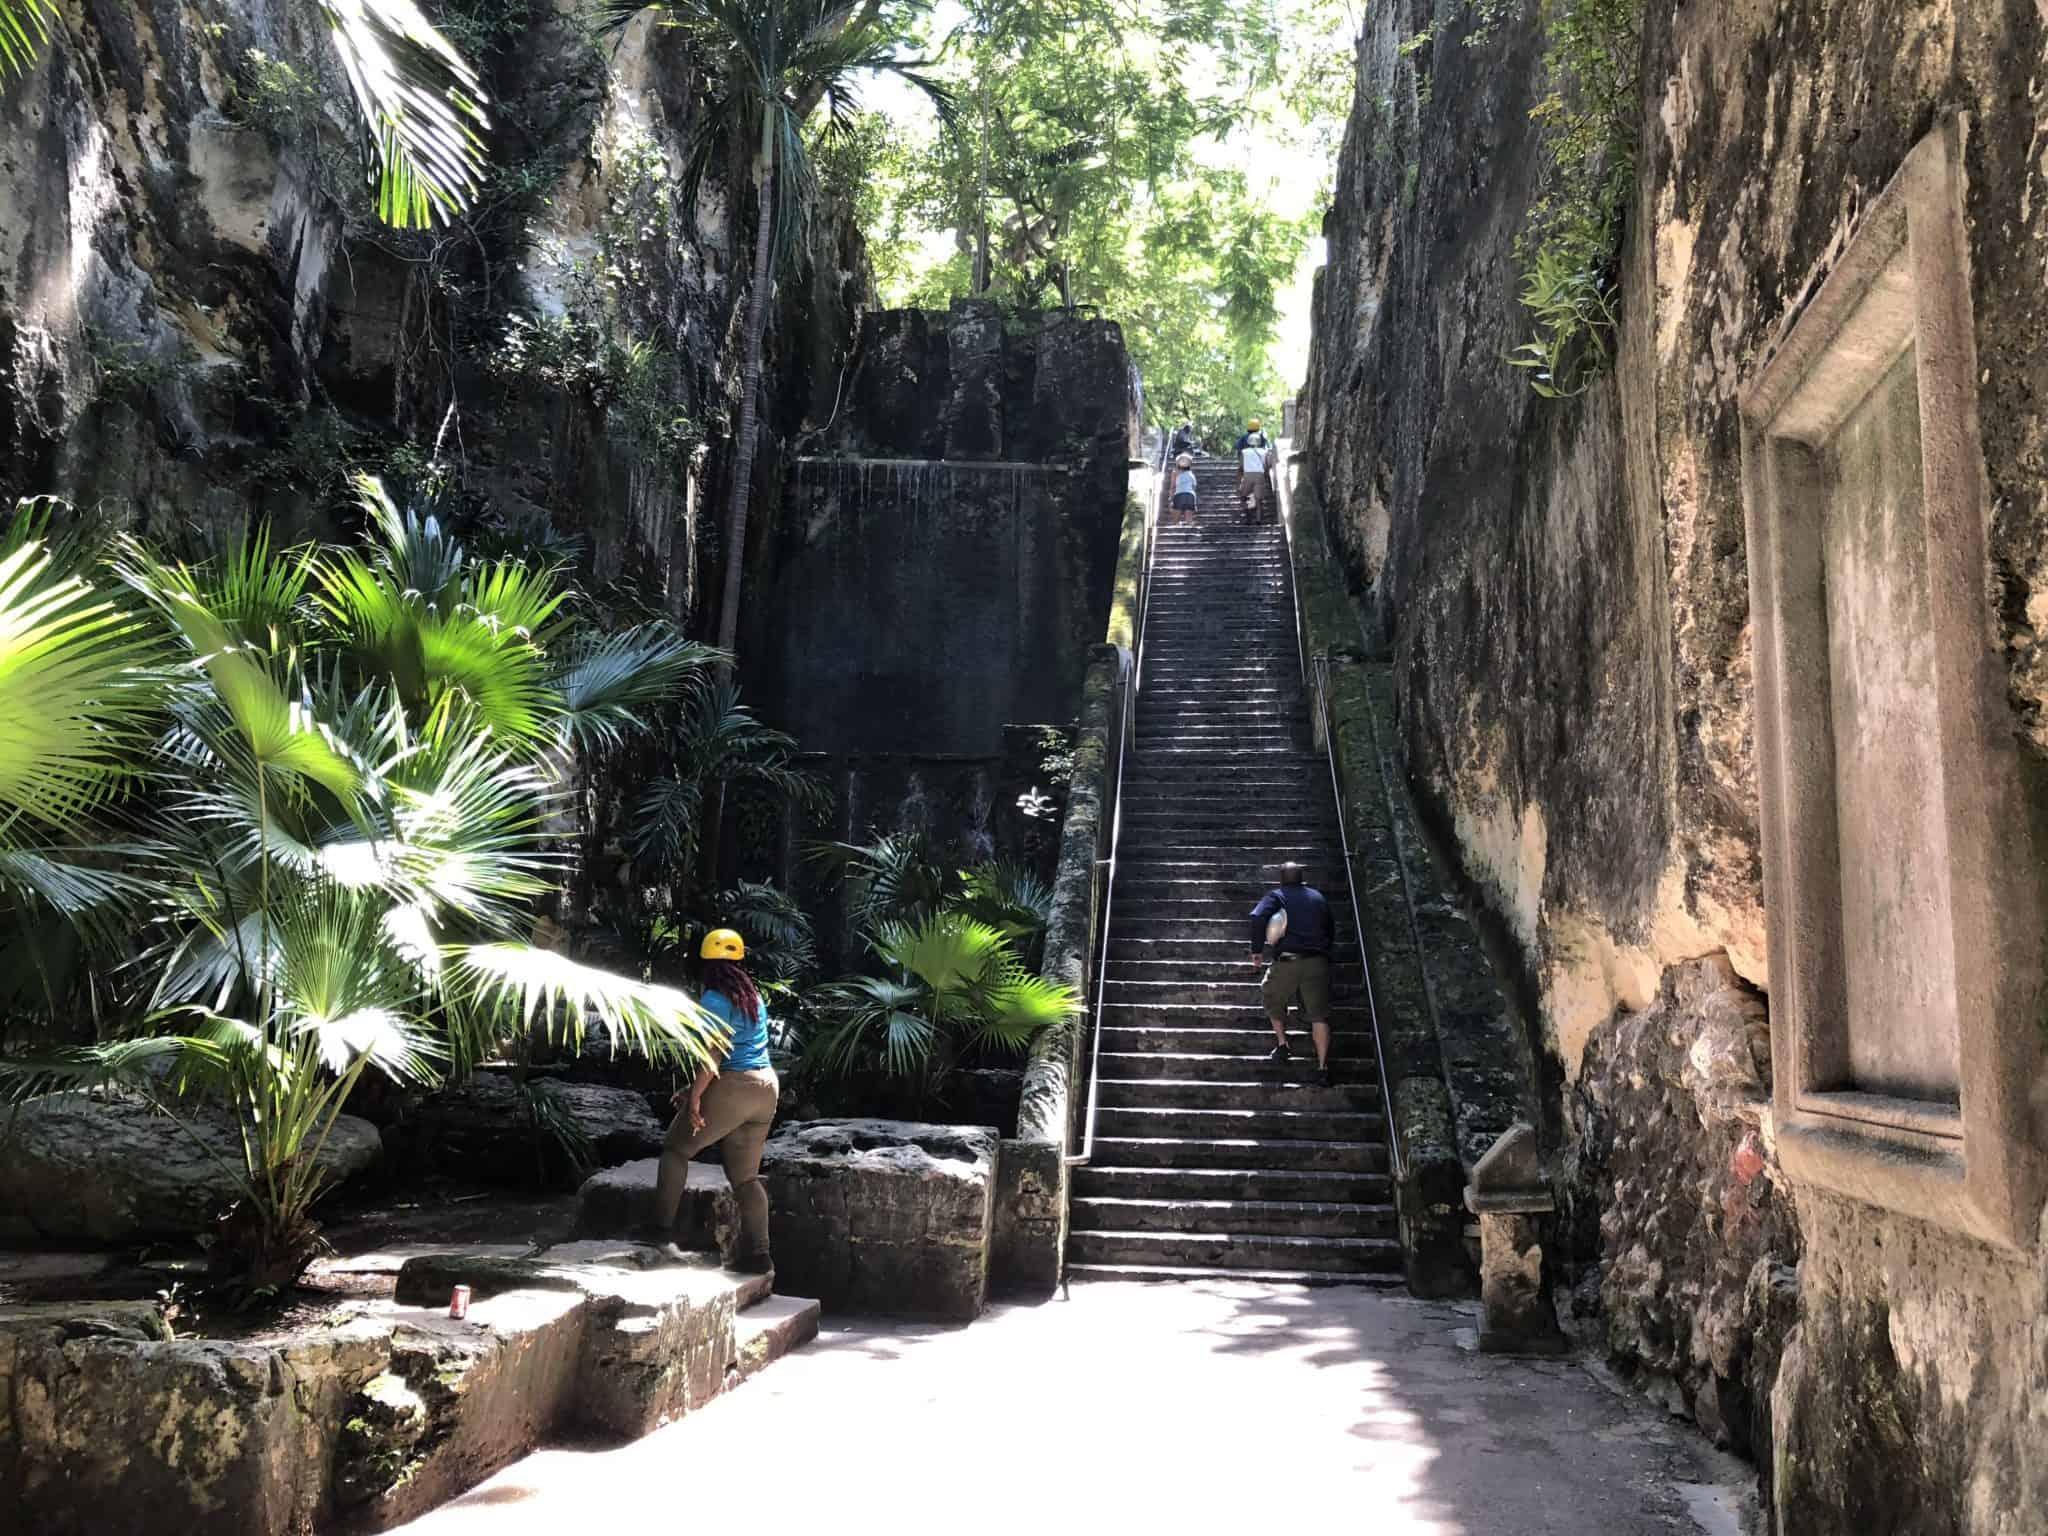 nassau bahamas queen's staircase